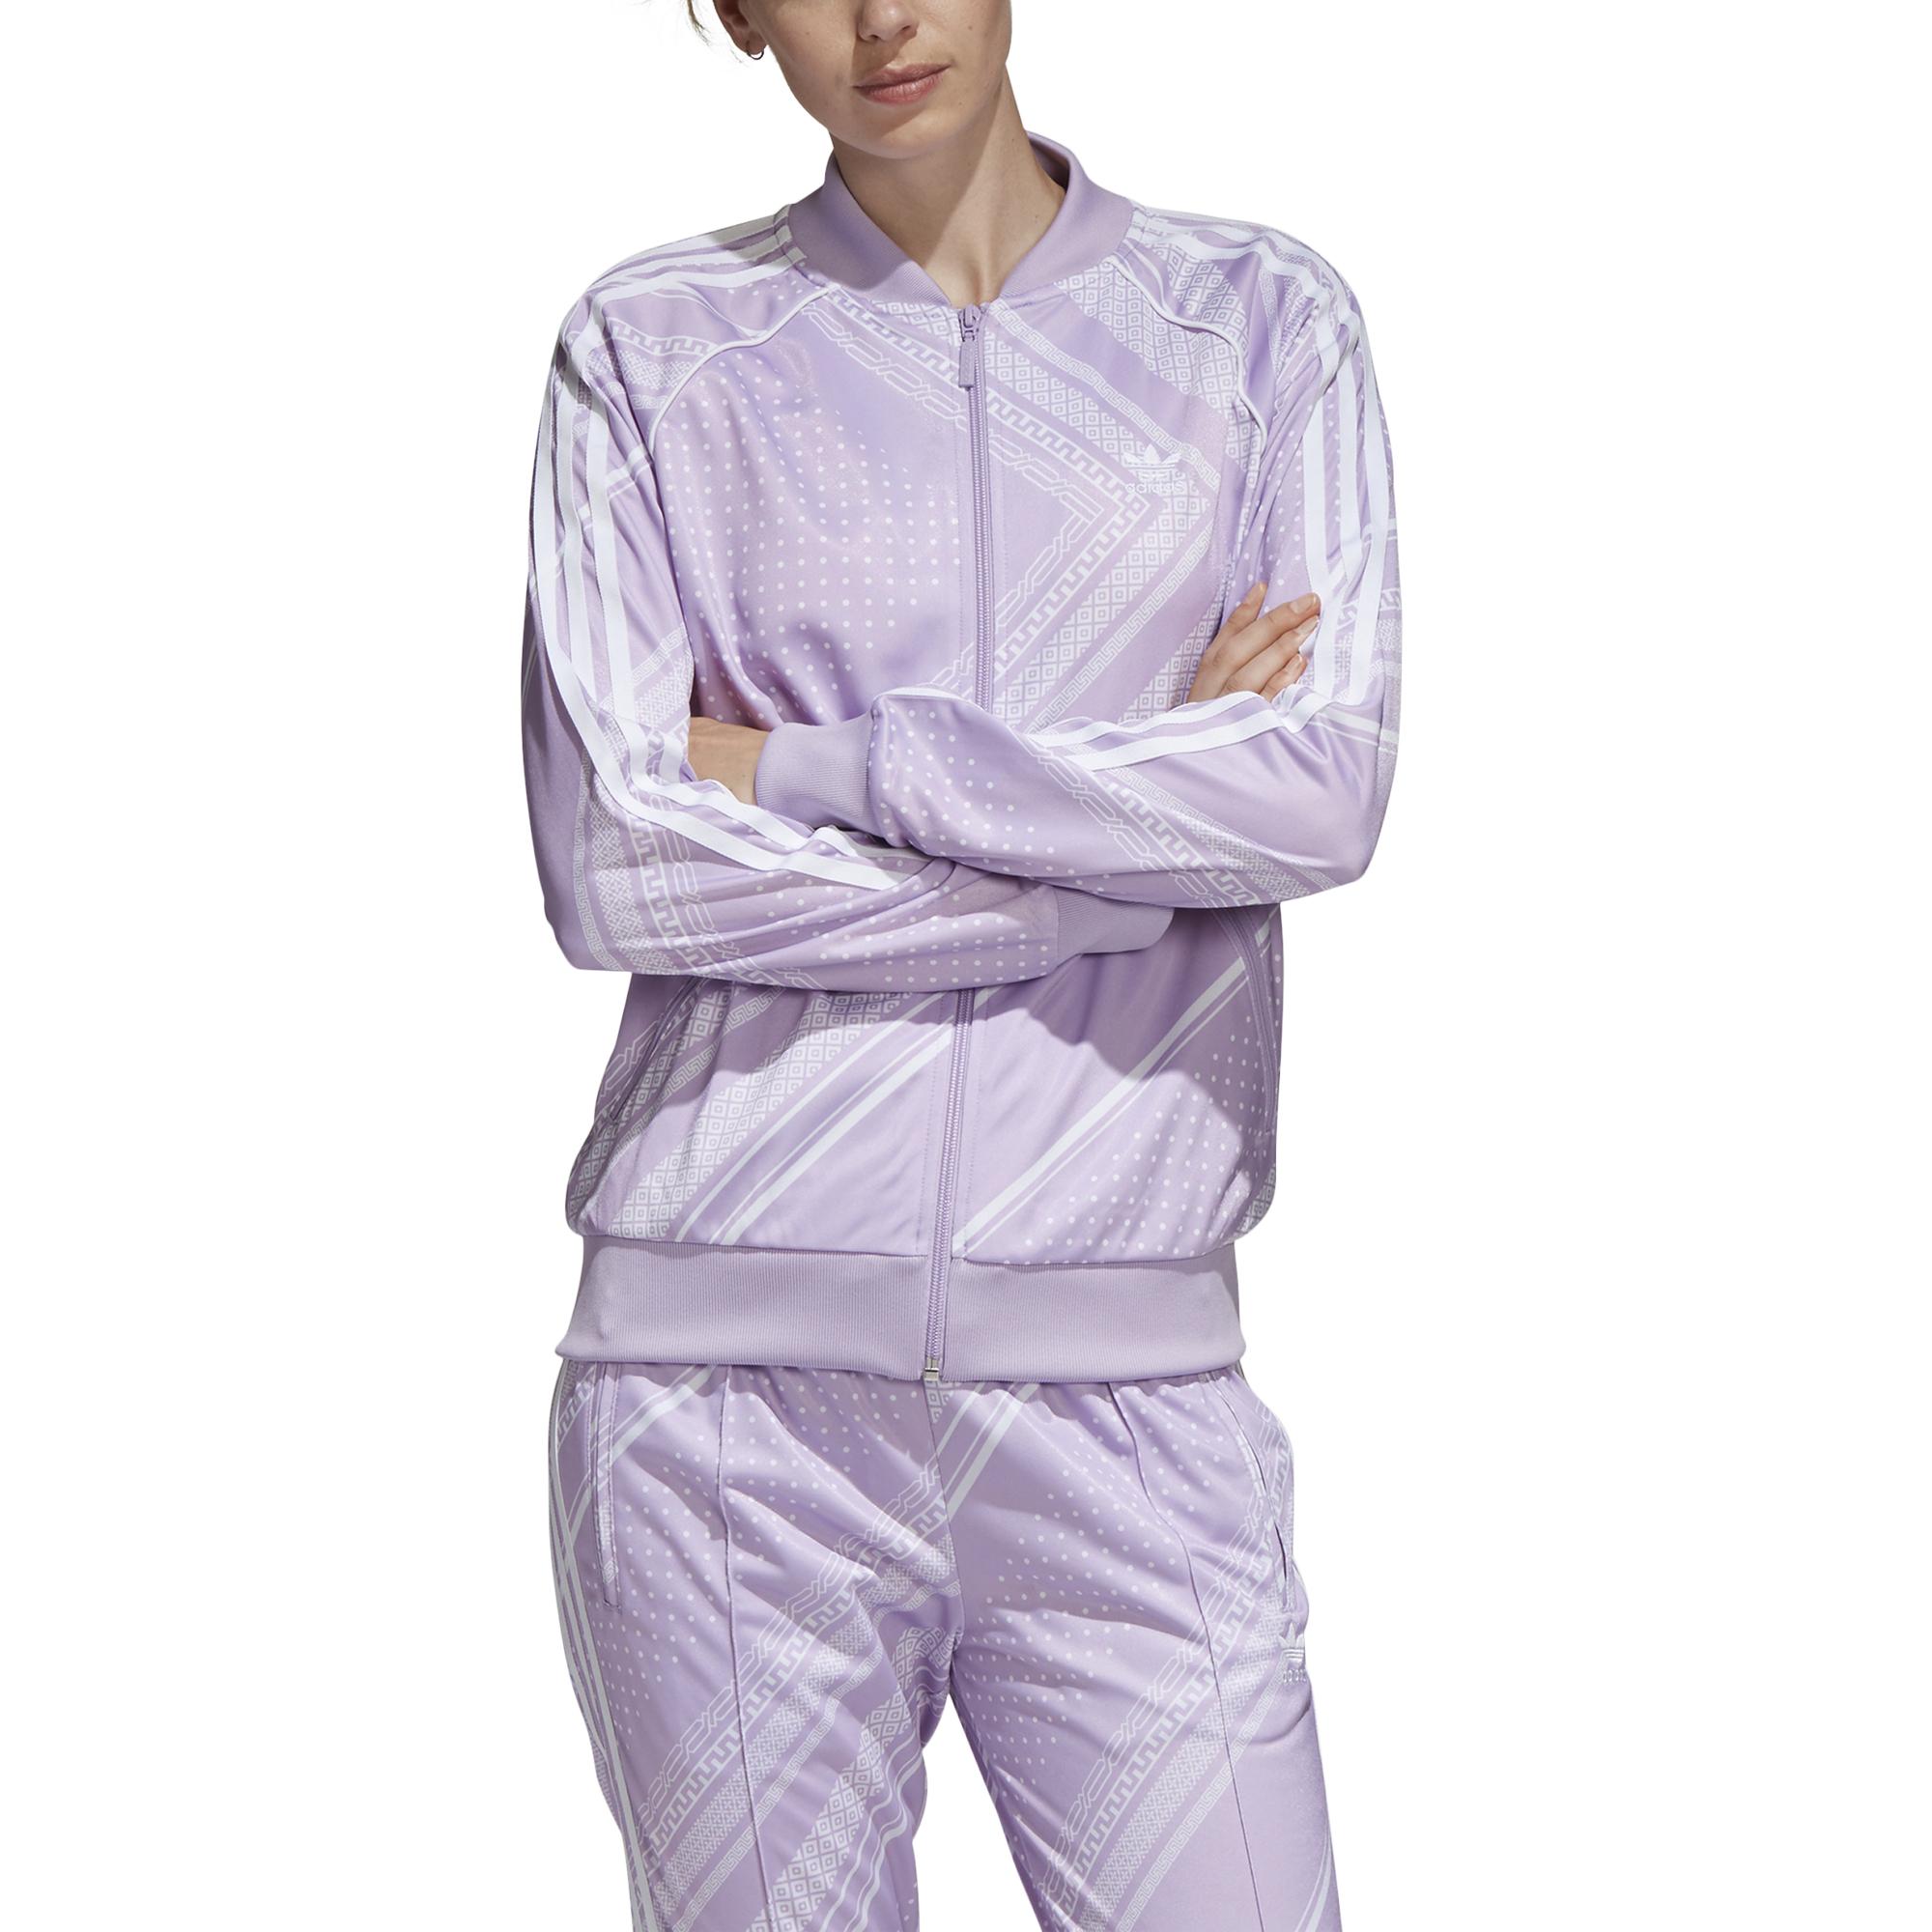 d3f38e7188d Veste de survêtement femme adidas SST Graphic